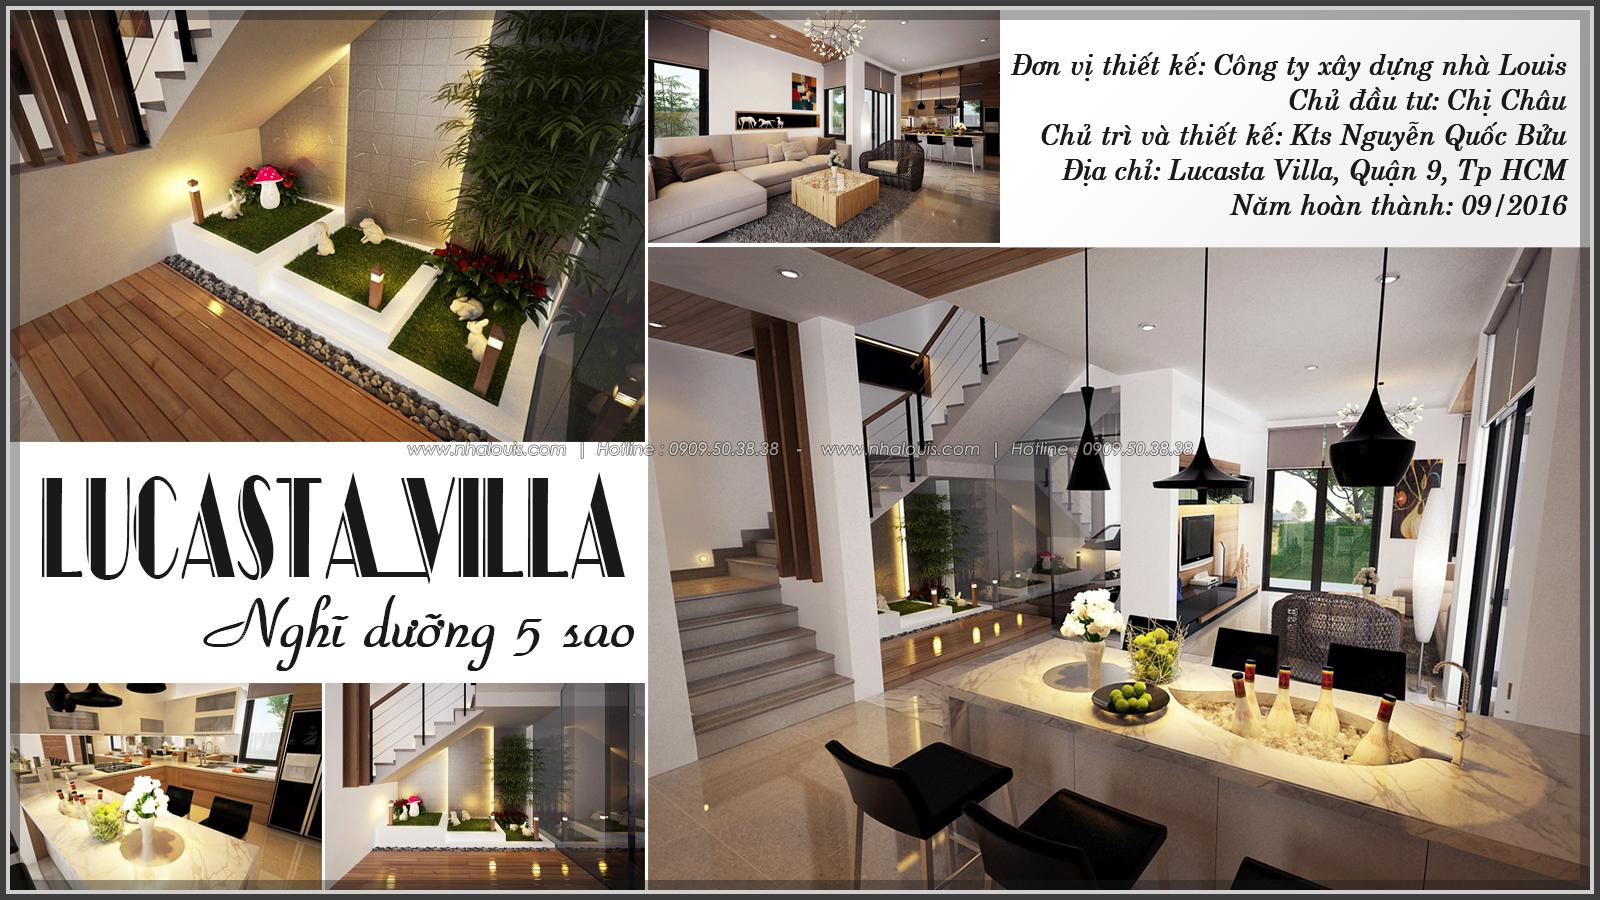 Tư vấn thiết kế nội thất biệt thự Lucasta Villa tại quận 9 - 1